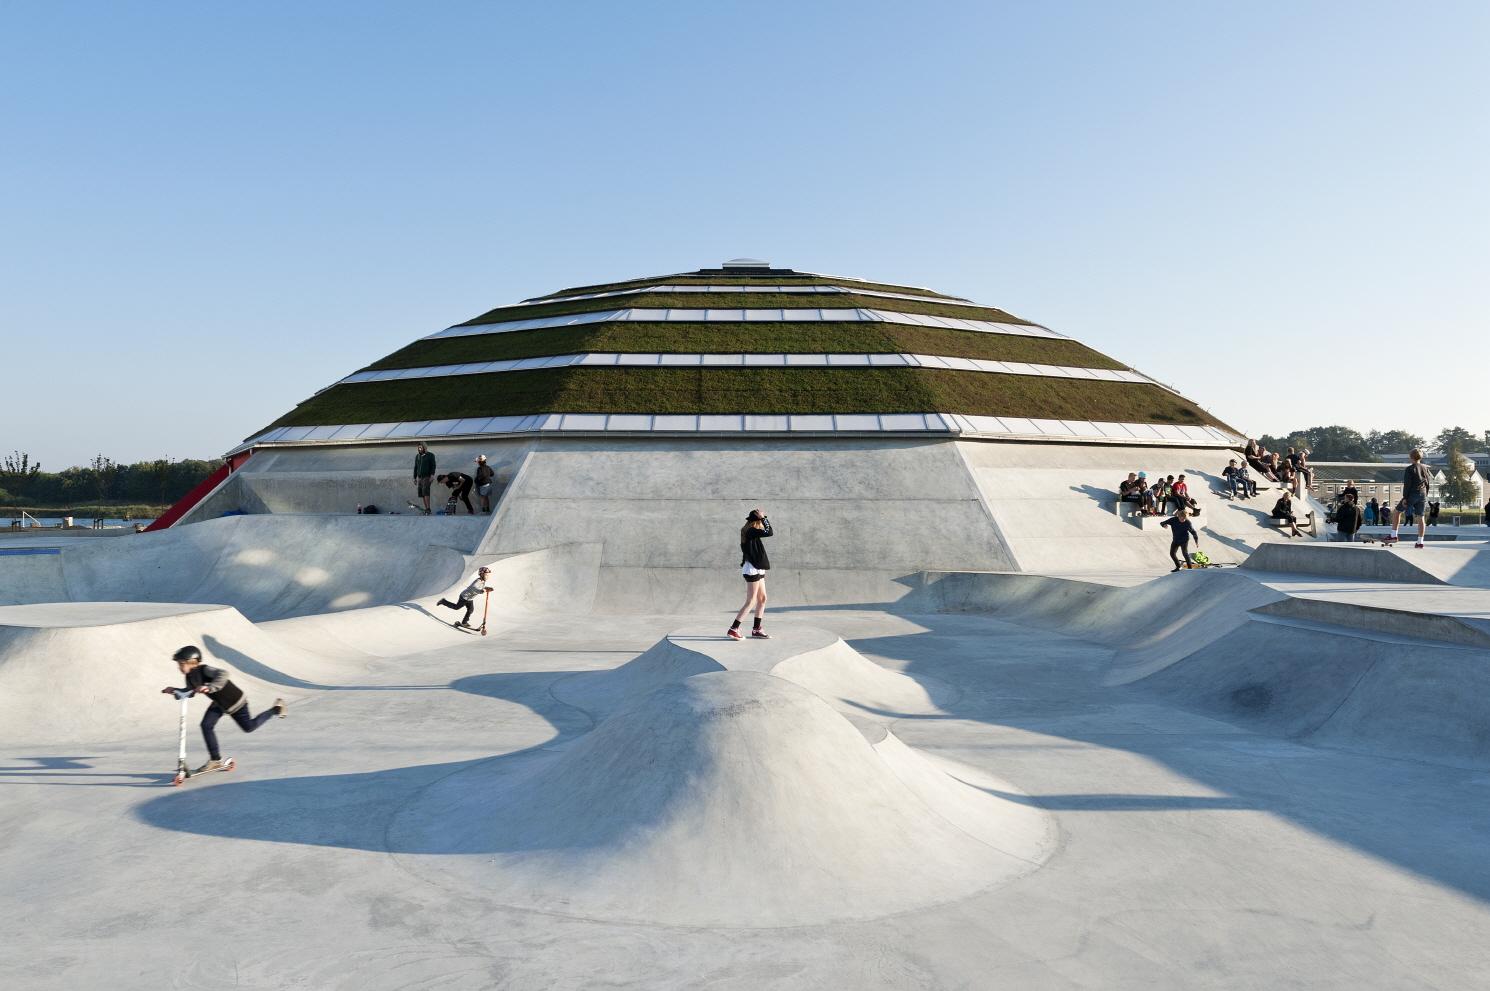 〔안정원의 건축 칼럼〕 공원 전체와 상호작용할 수 있는 이색적인 복합 스포츠 공간 1